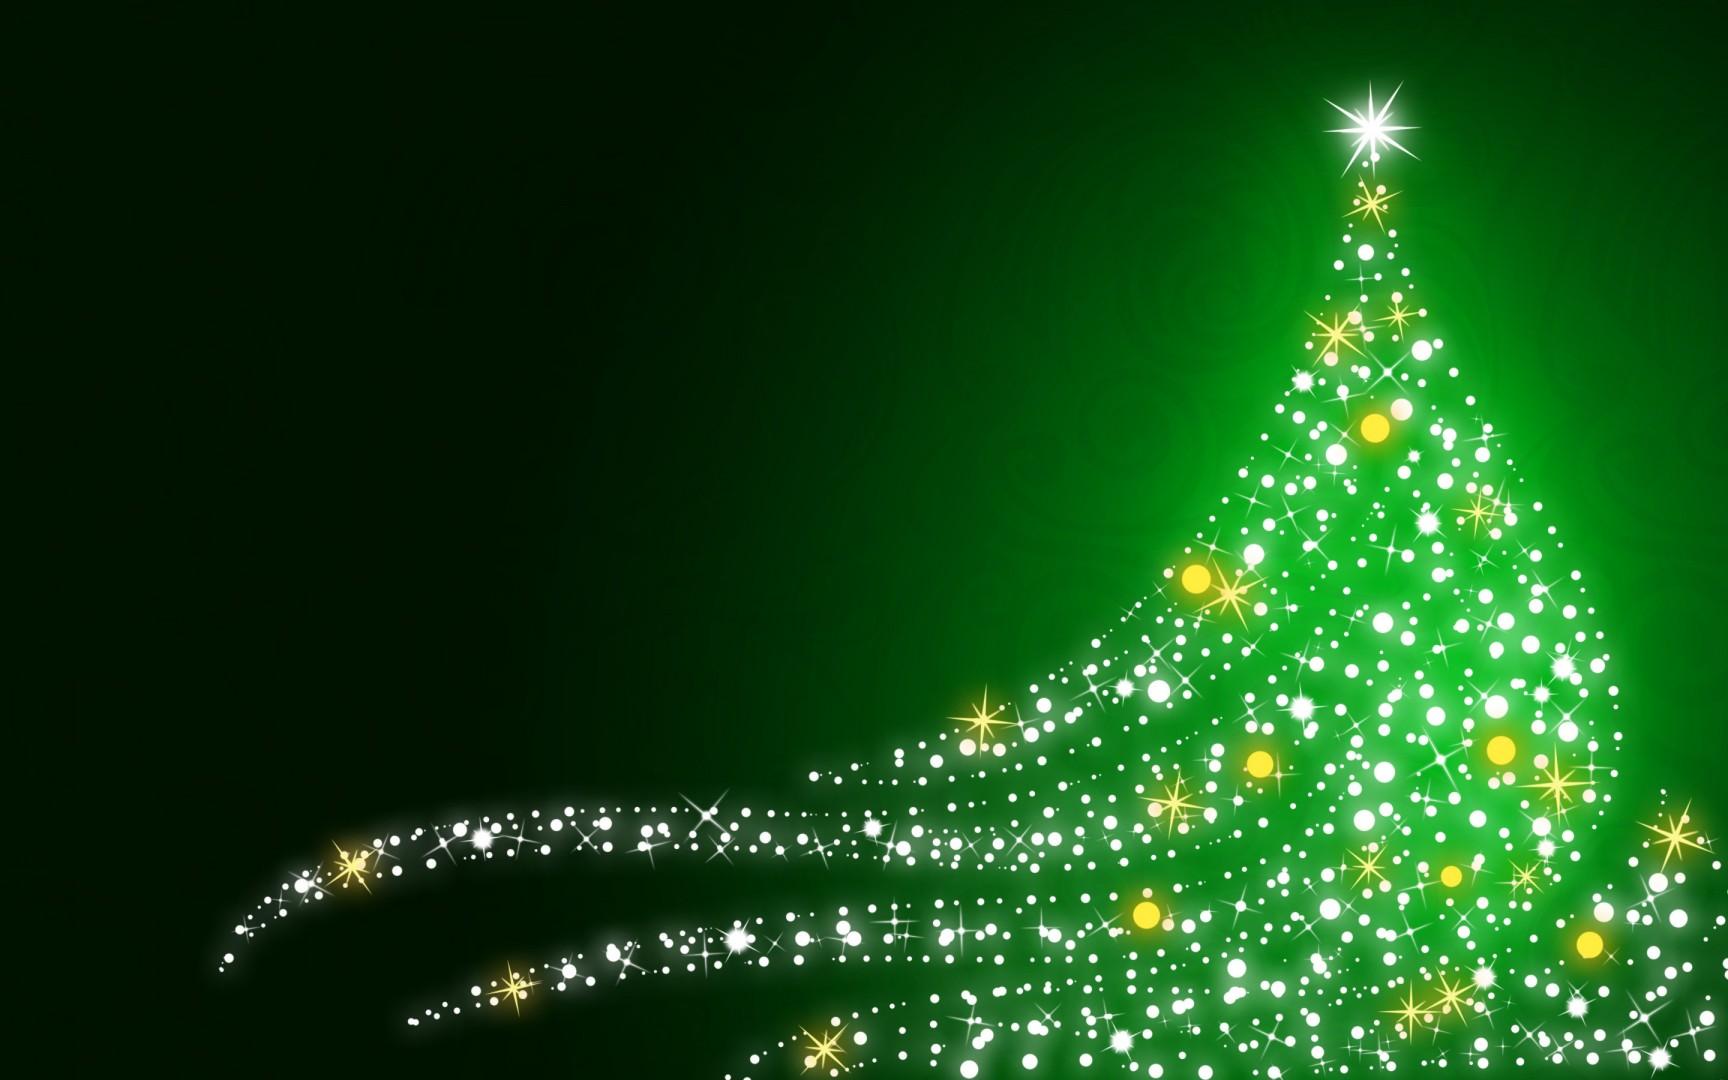 Green Christmas Wallpaper Green Christmas Image 57